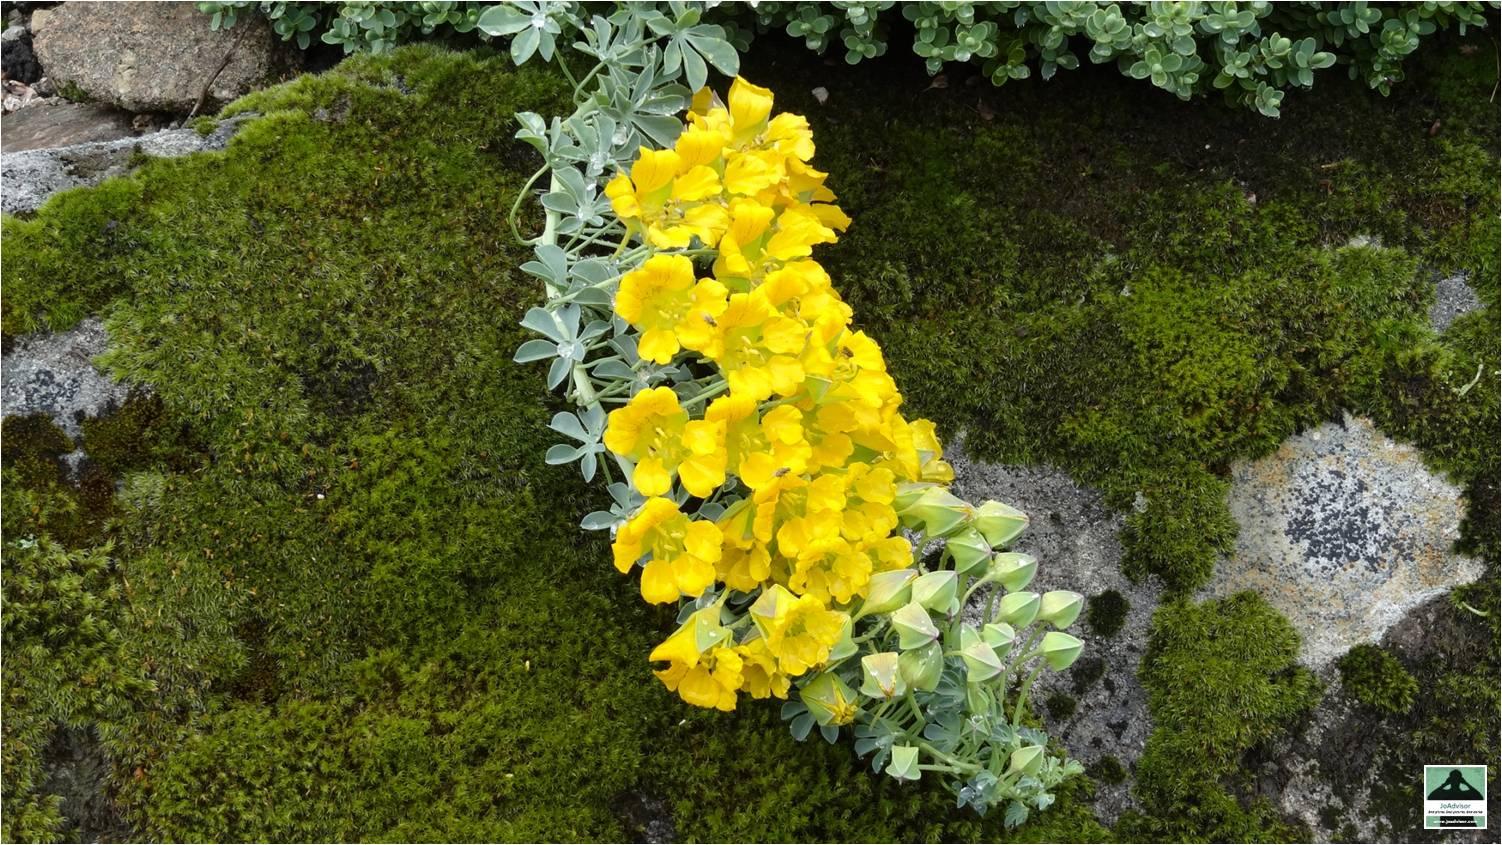 Jardin d 39 altitude du haut chitelet joadvisor - Jardin d altitude du haut chitelet ...